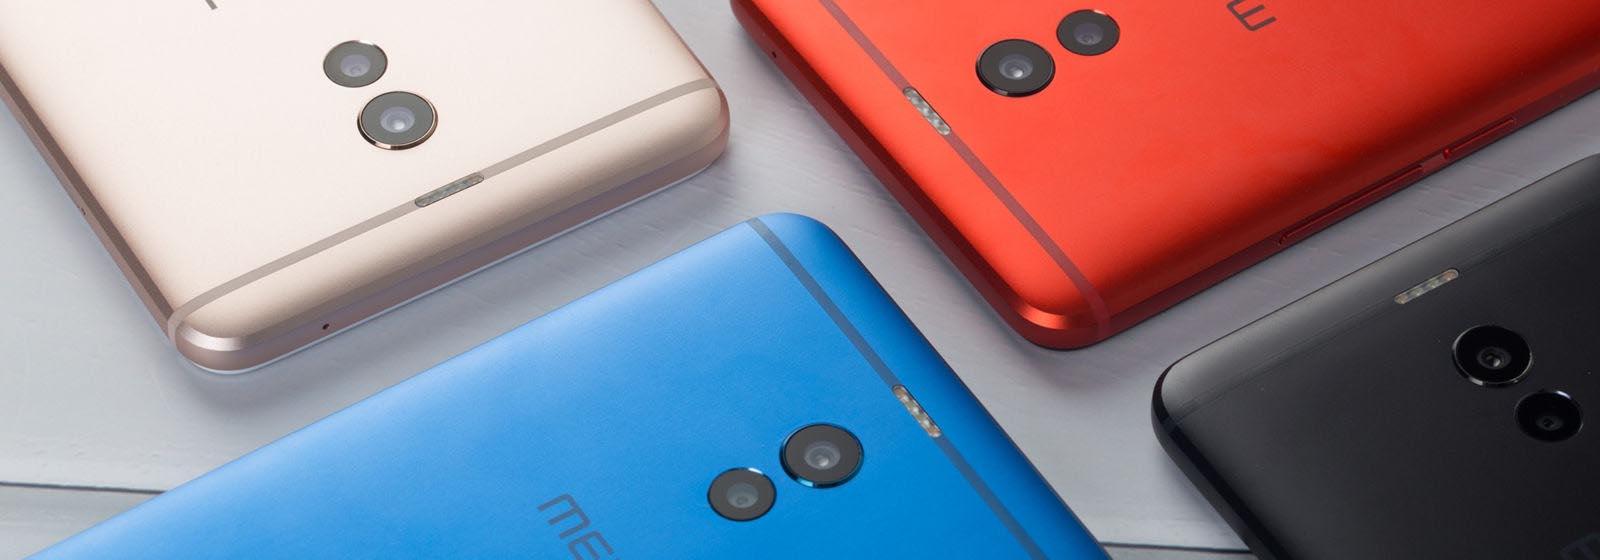 魅蓝Note6大降价国产厂商为何再次盯住了低端手机市场?